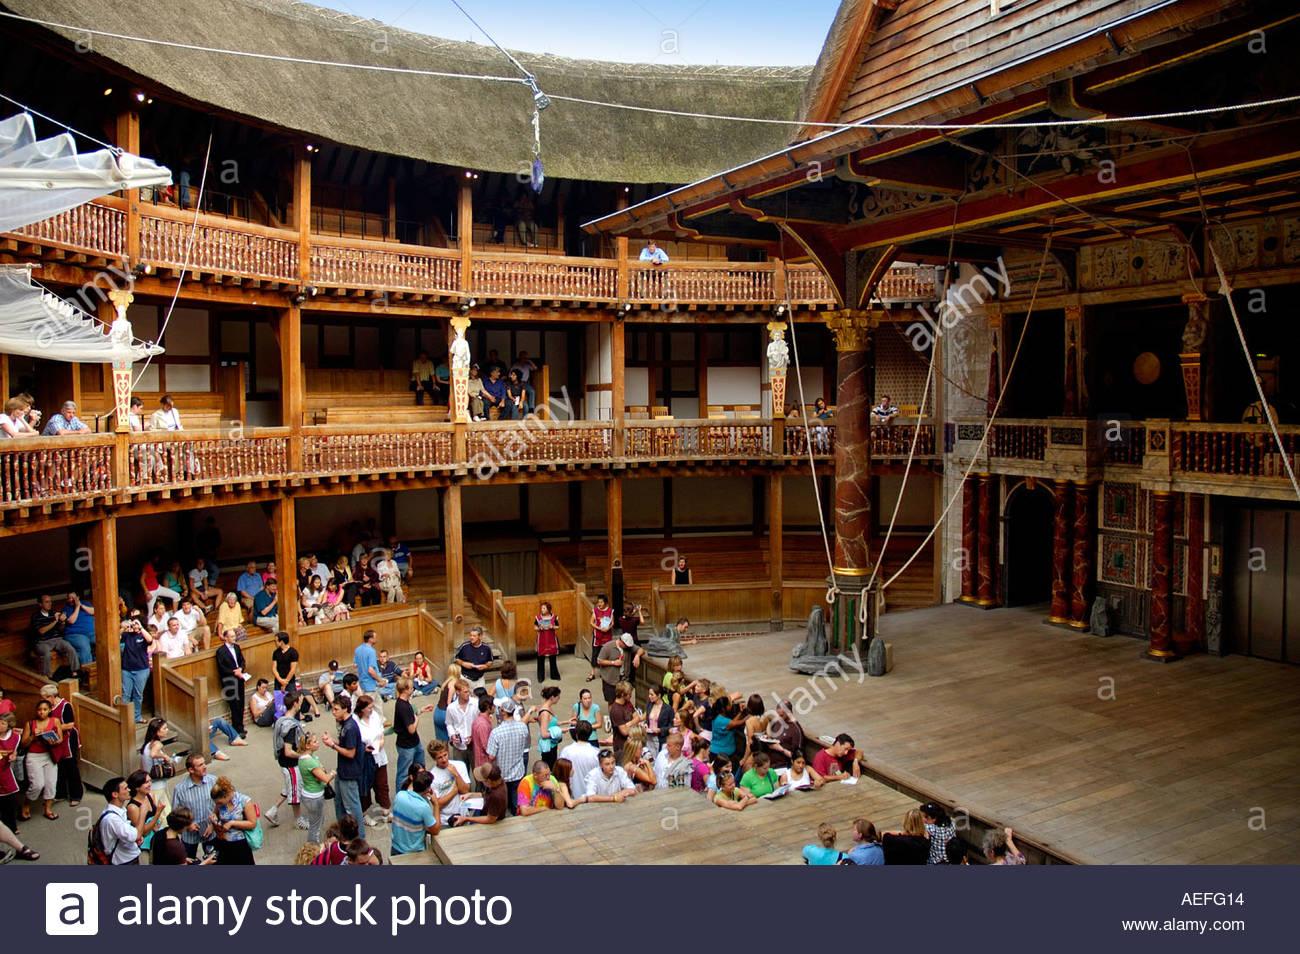 Shakespeare Theatre Stage Interior Stockfotos & Shakespeare Theatre ...